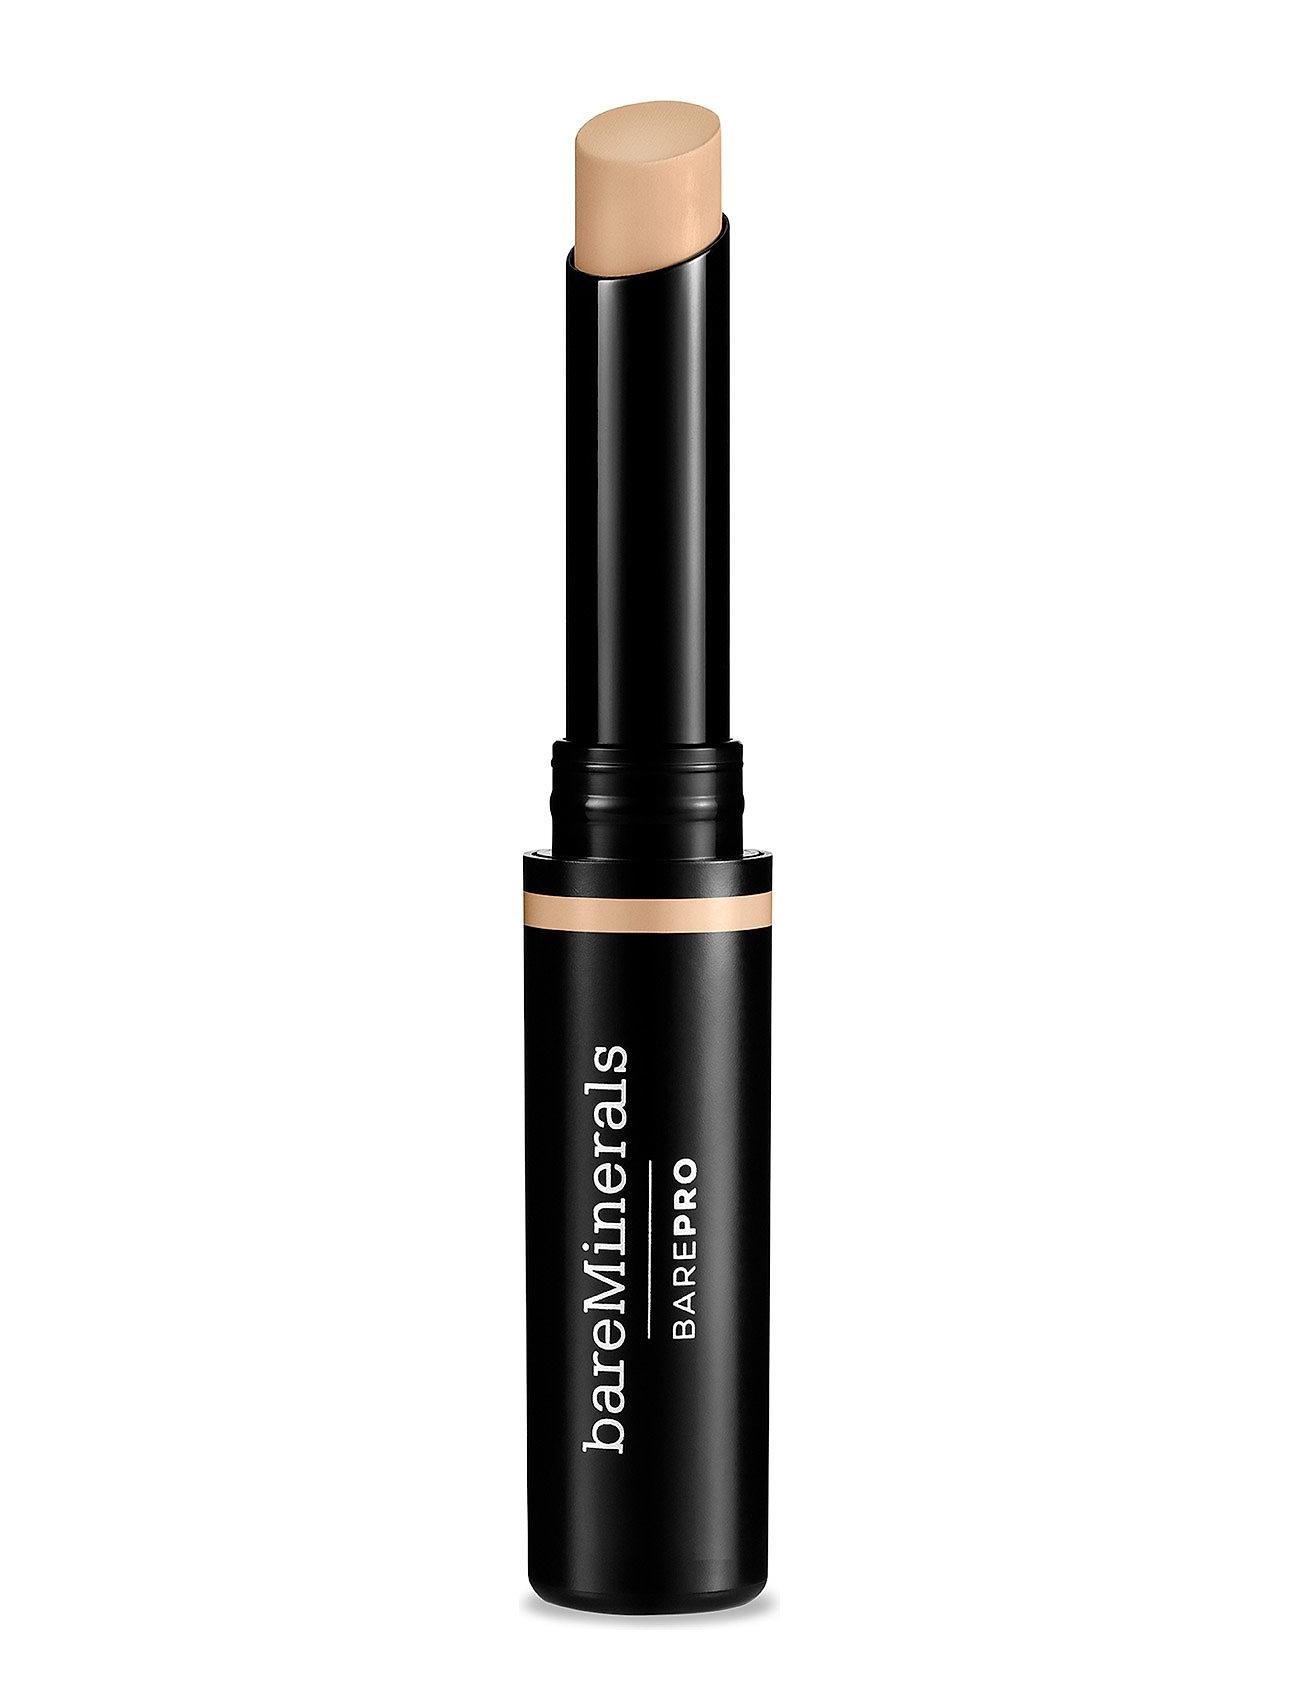 Image of Barepro 16-Hour Full Coverage Concealer Concealer Makeup BareMinerals (3406150273)